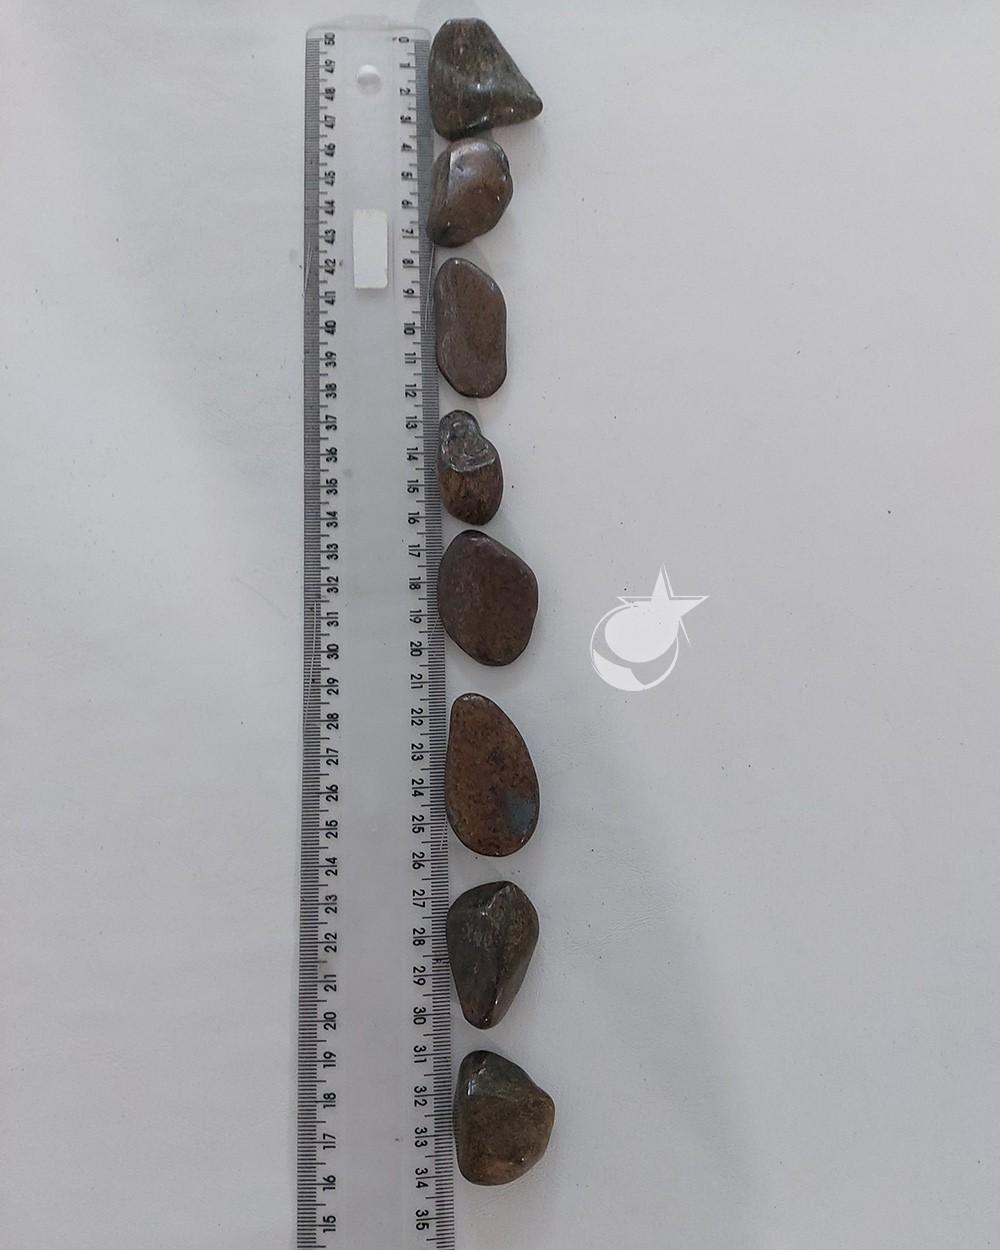 BRONZITA ROLADA - UNIDADE - 3 a 4 cm - (21 a 25g)